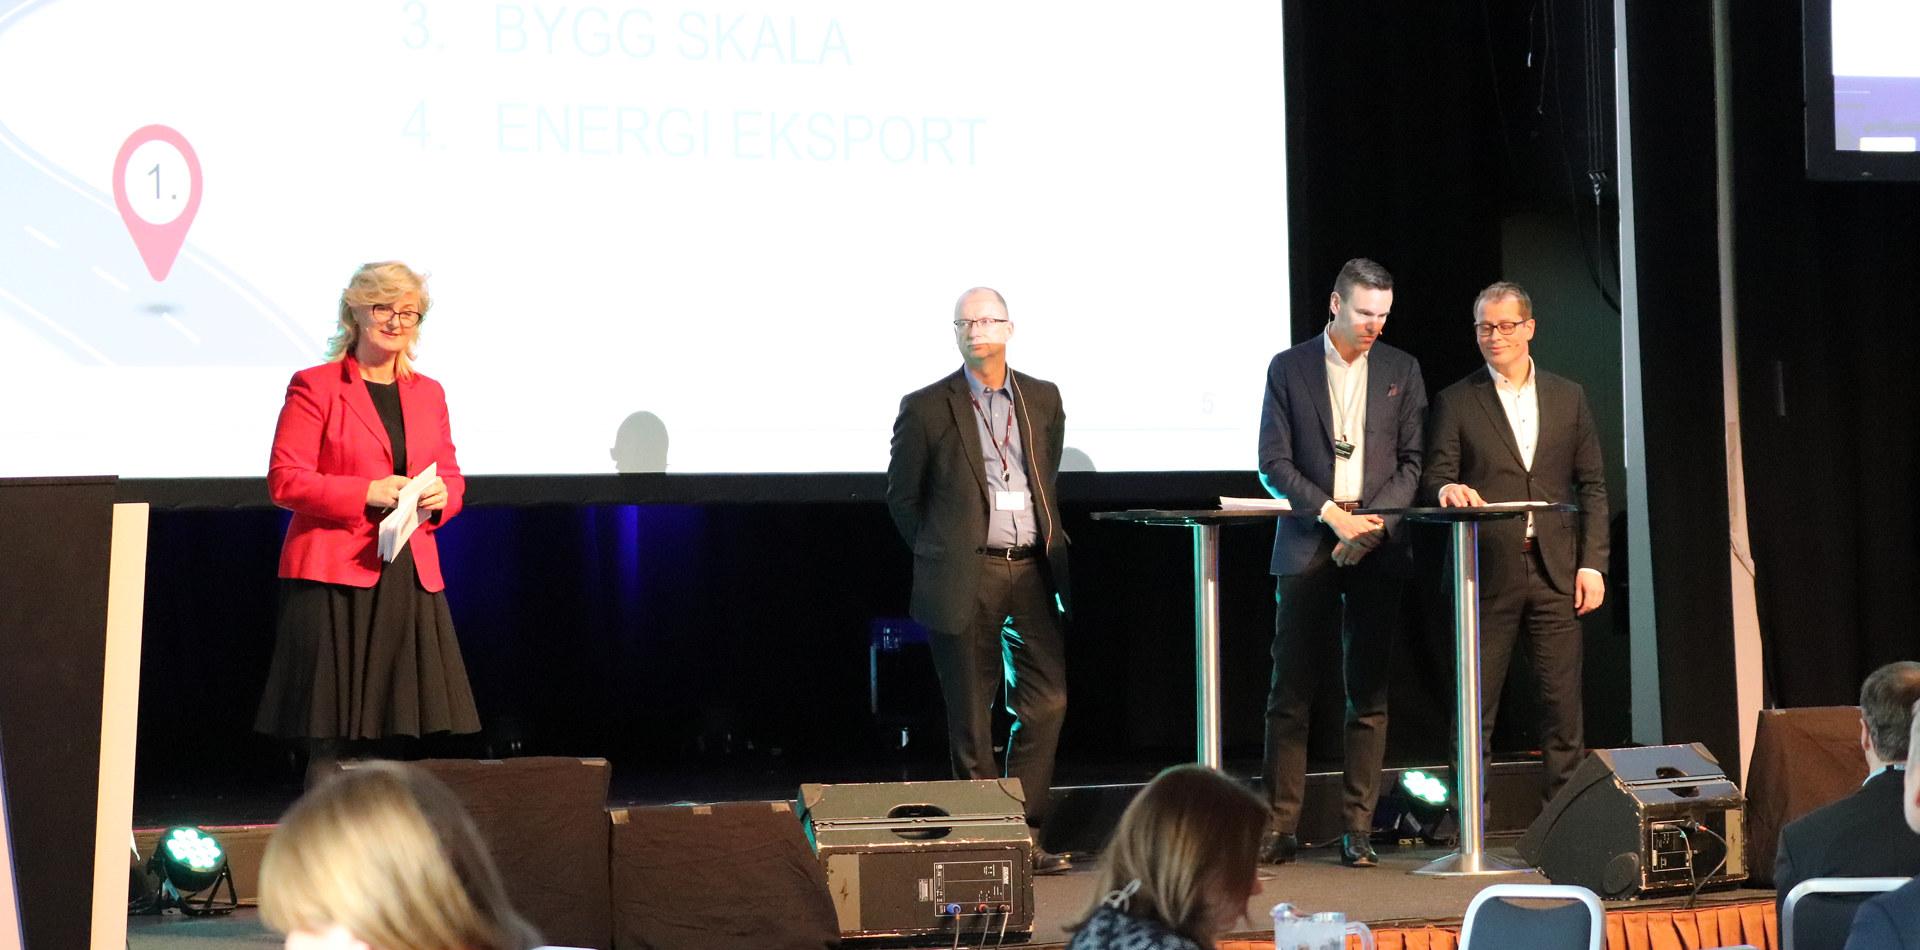 Presentasjon på konferanse